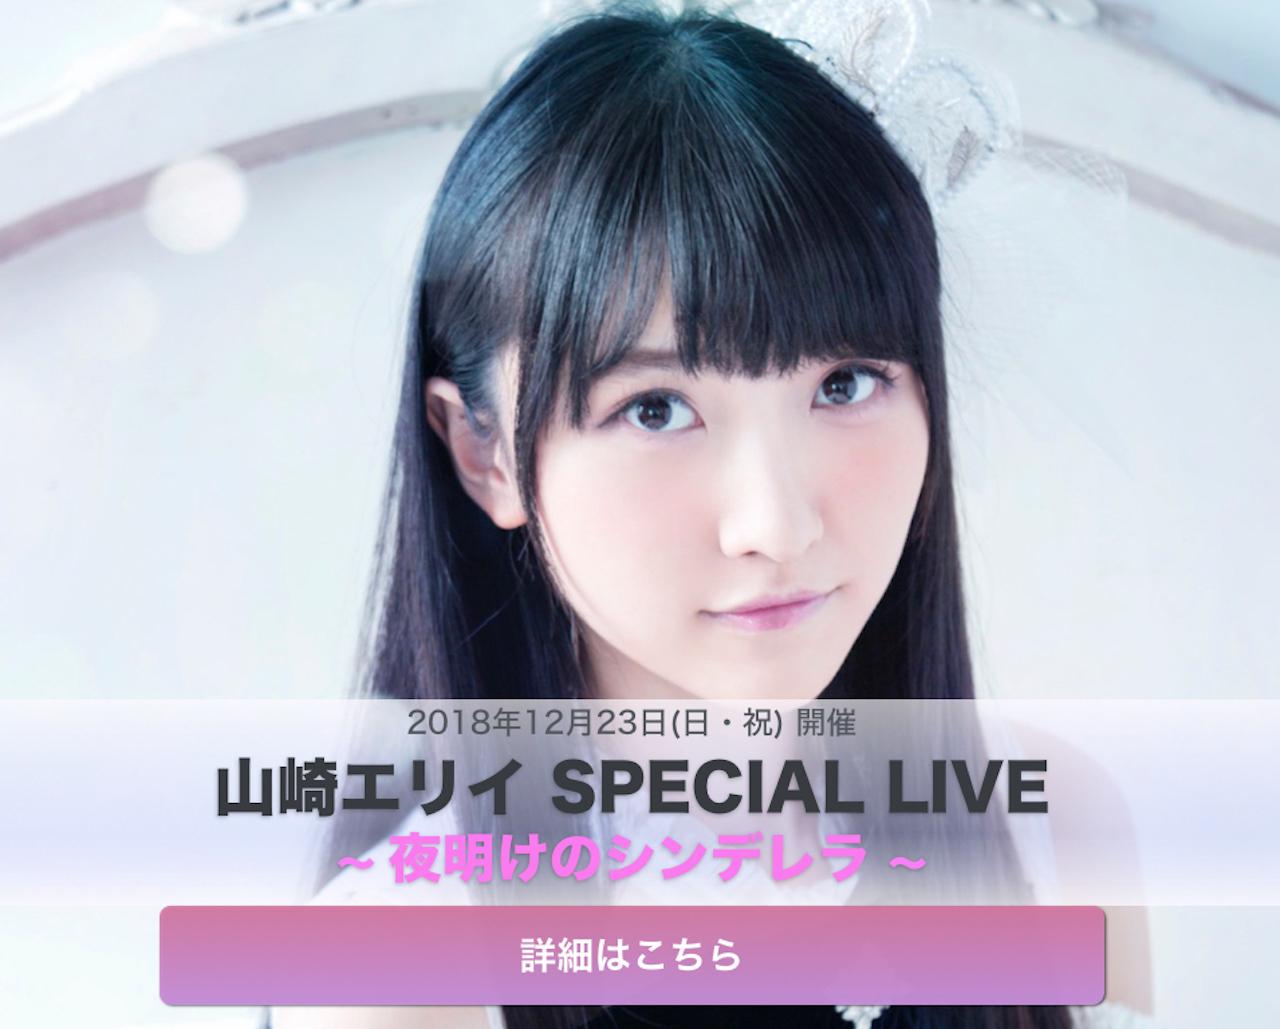 山崎エリイ SPECIAL LIVE~夜明けのシンデレラ~(昼・夜公演)HP先行